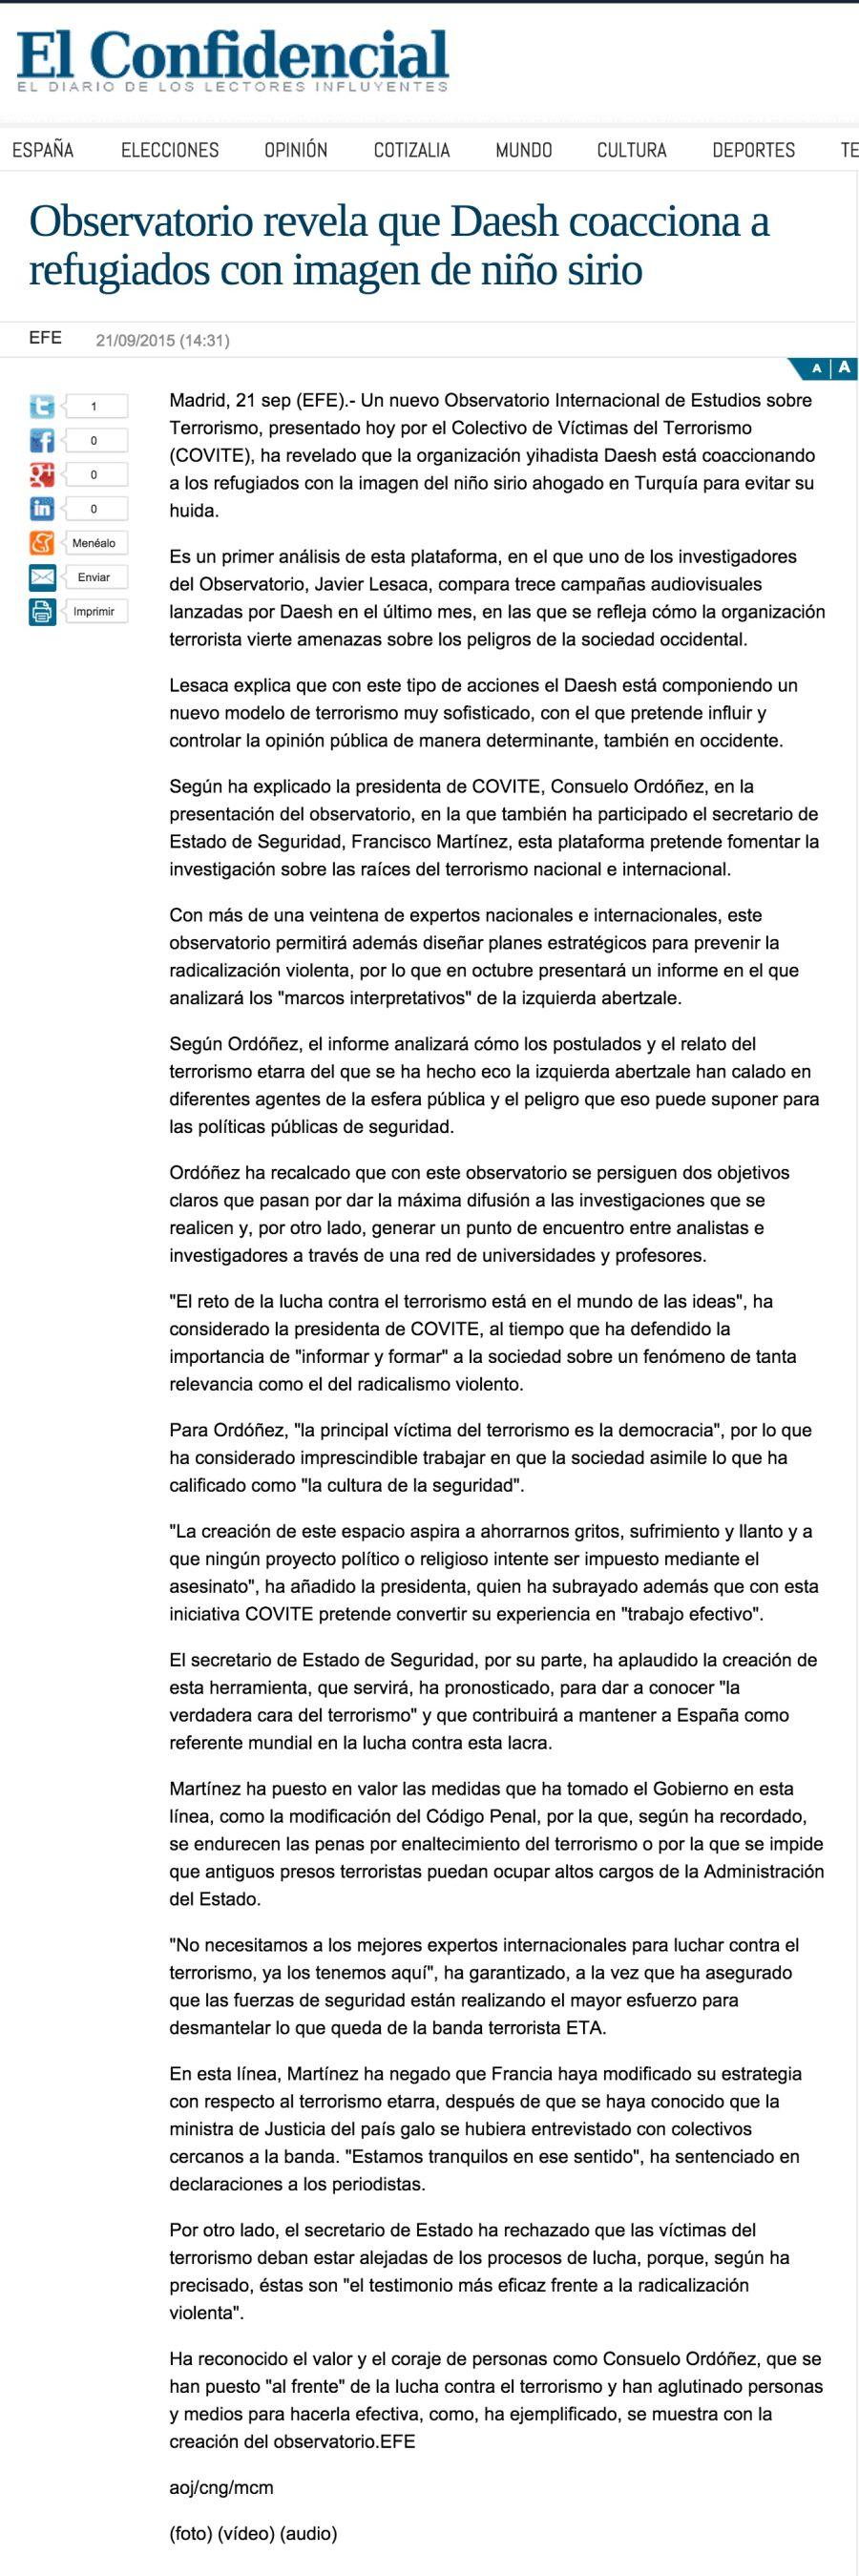 presentacion_el_confidencial